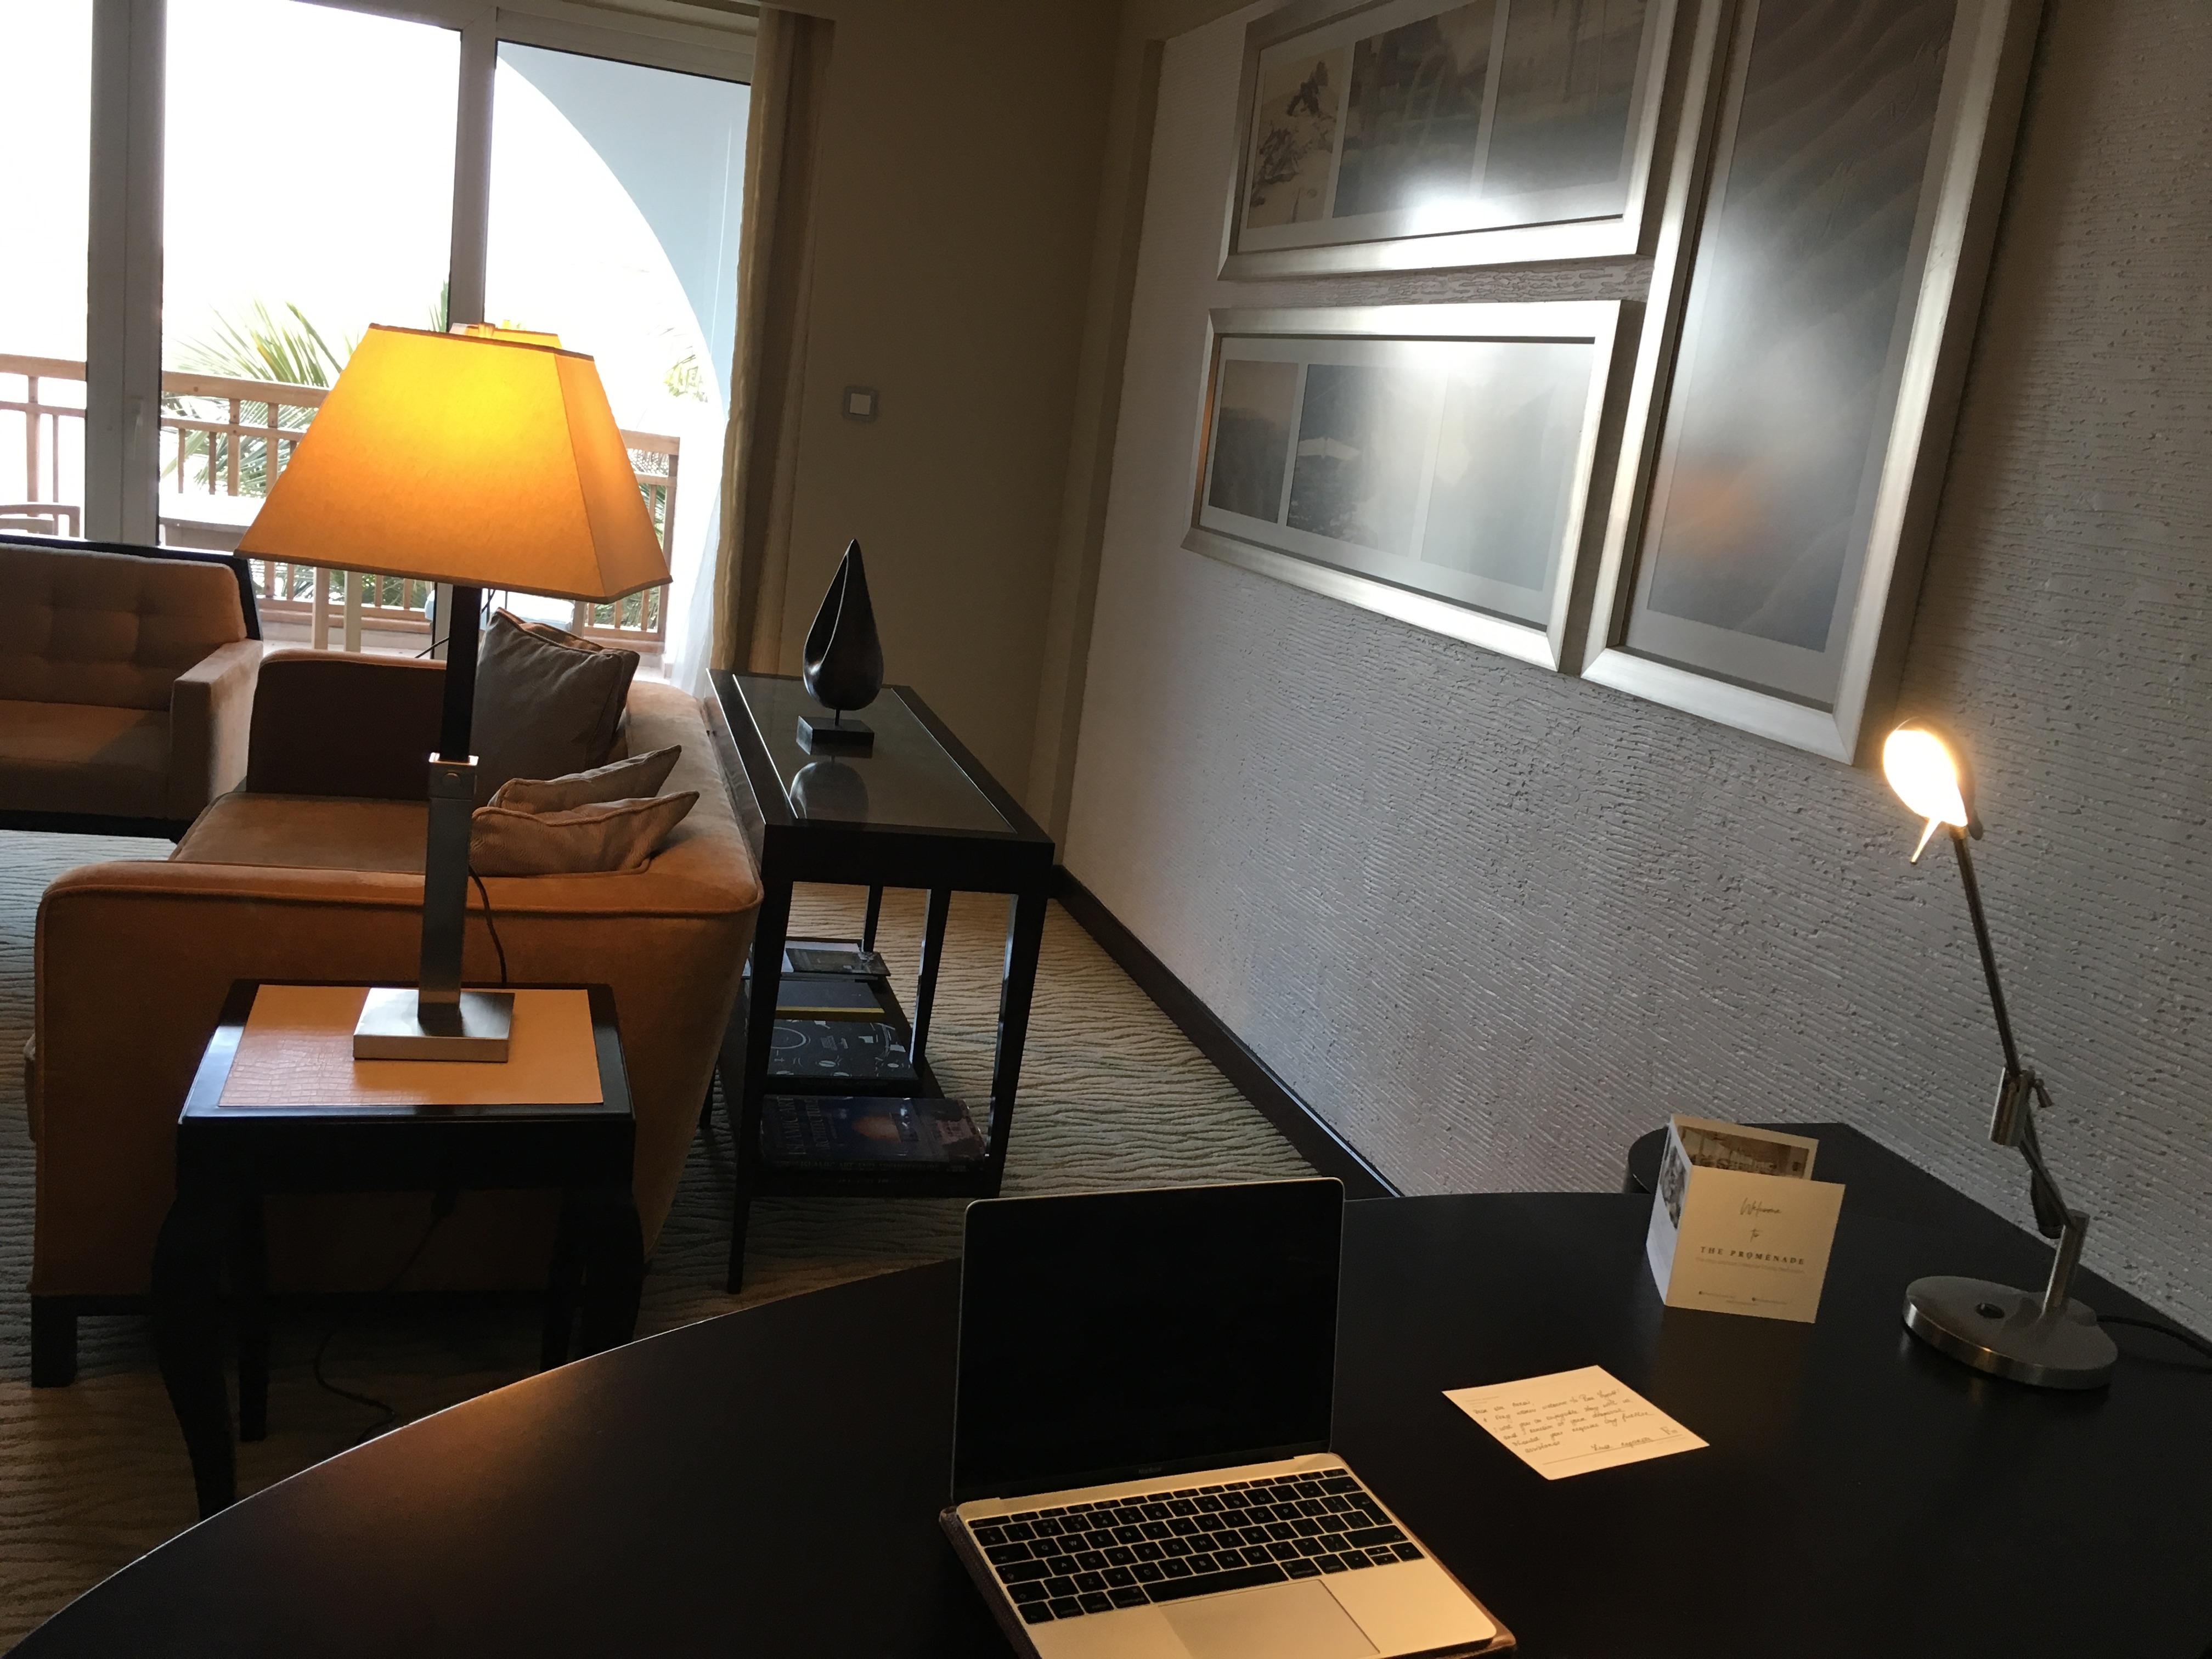 ハイアット ライフタイムグローバリストへの道#9(パークハイアットドバイ エグゼクティブスイート(Park Hyatt Dubai Executive Suite Room))